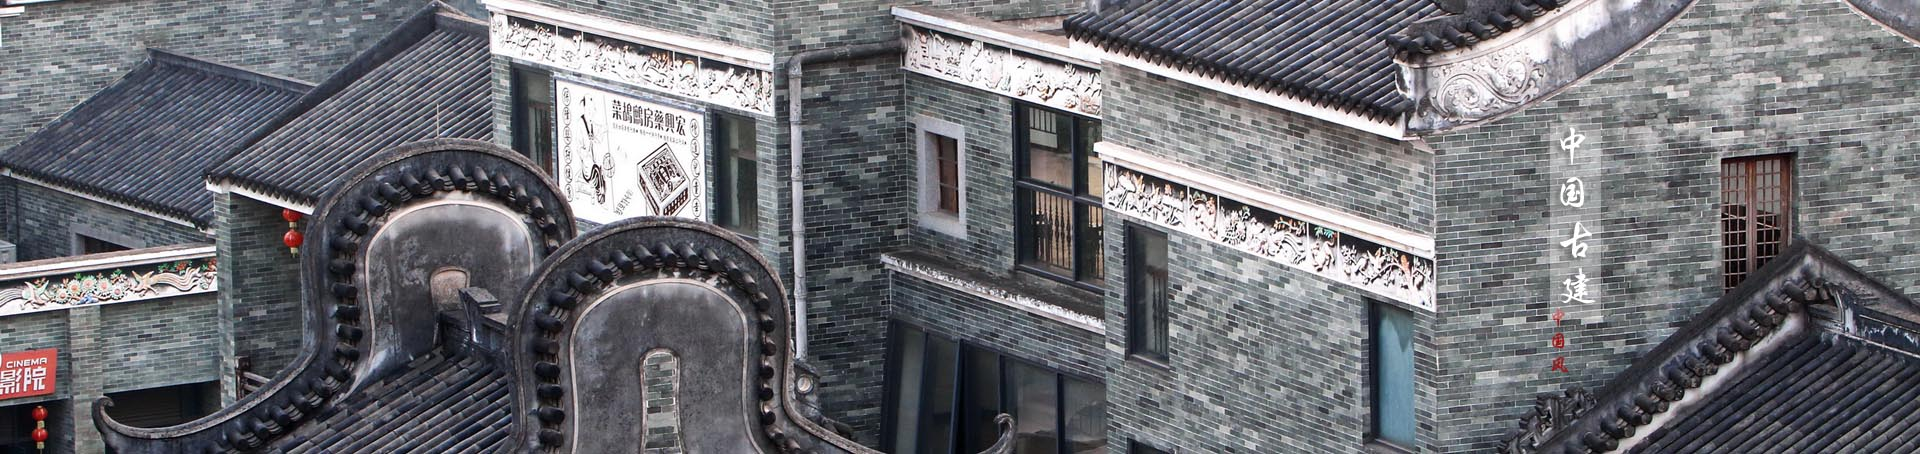 中国古建筑四大类别 北京四合院